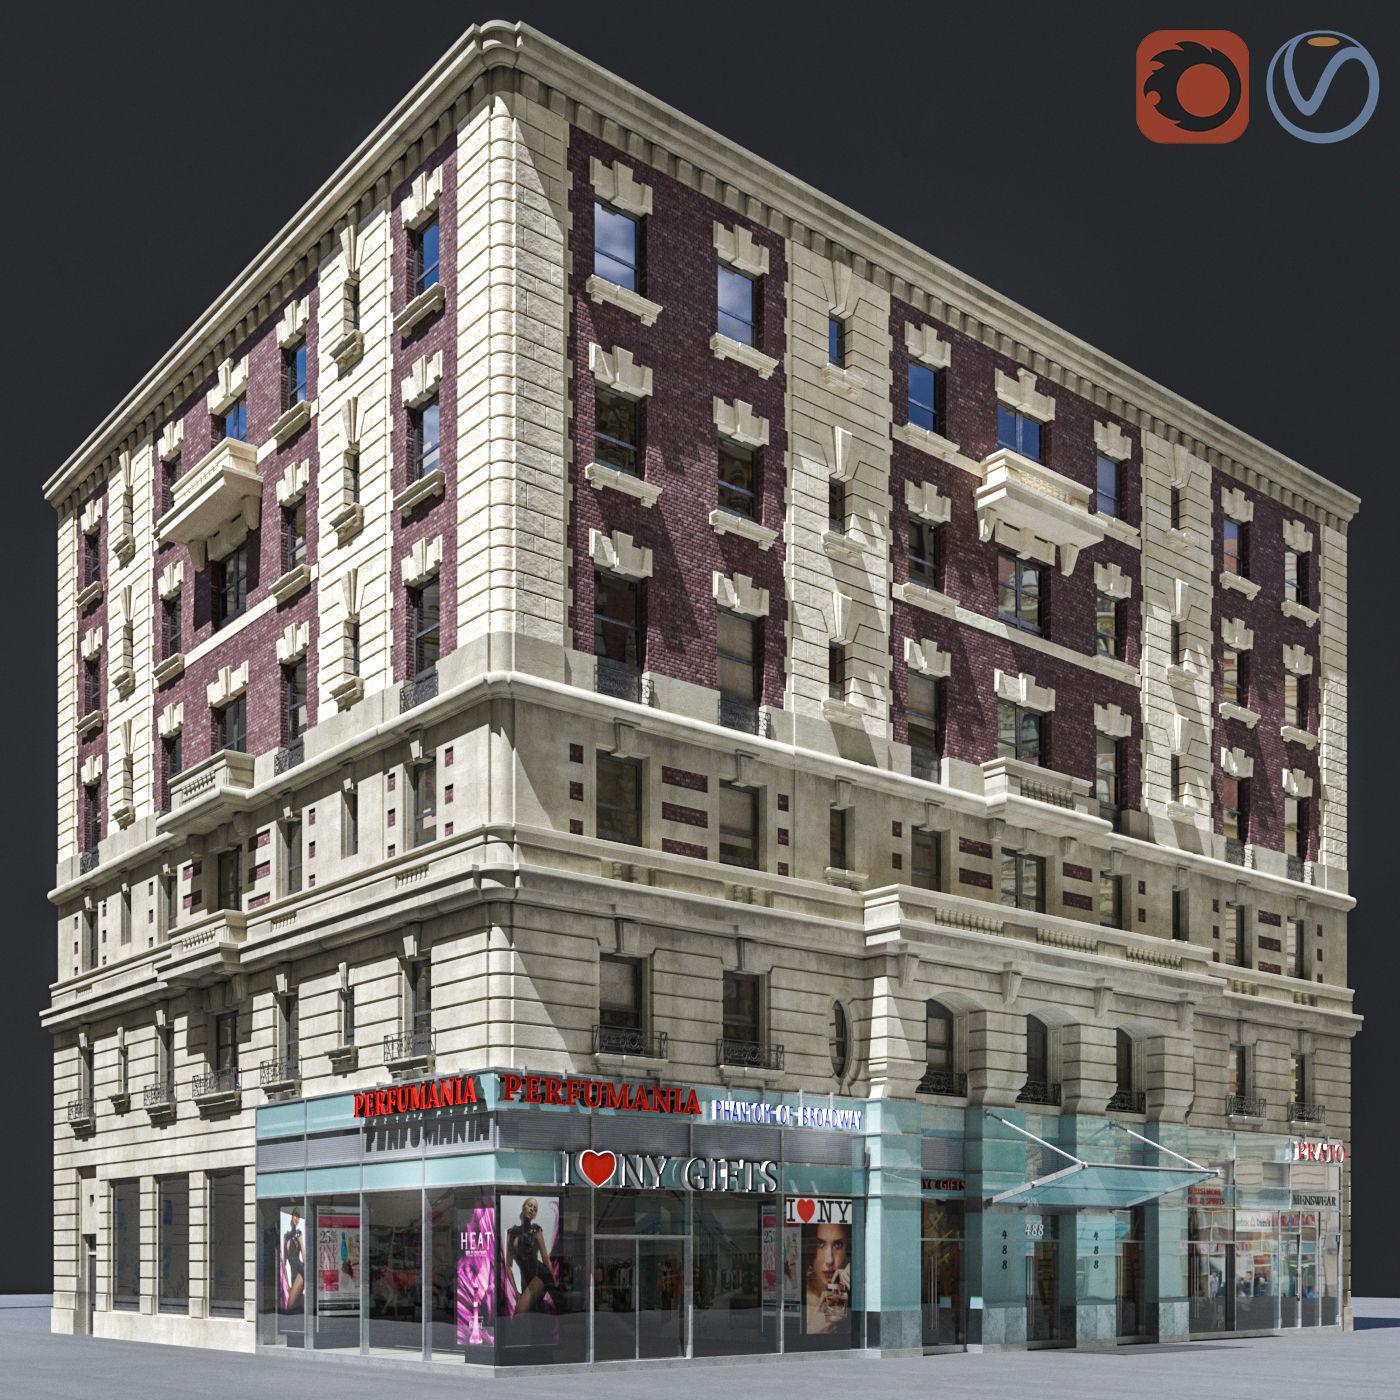 New York old building facade